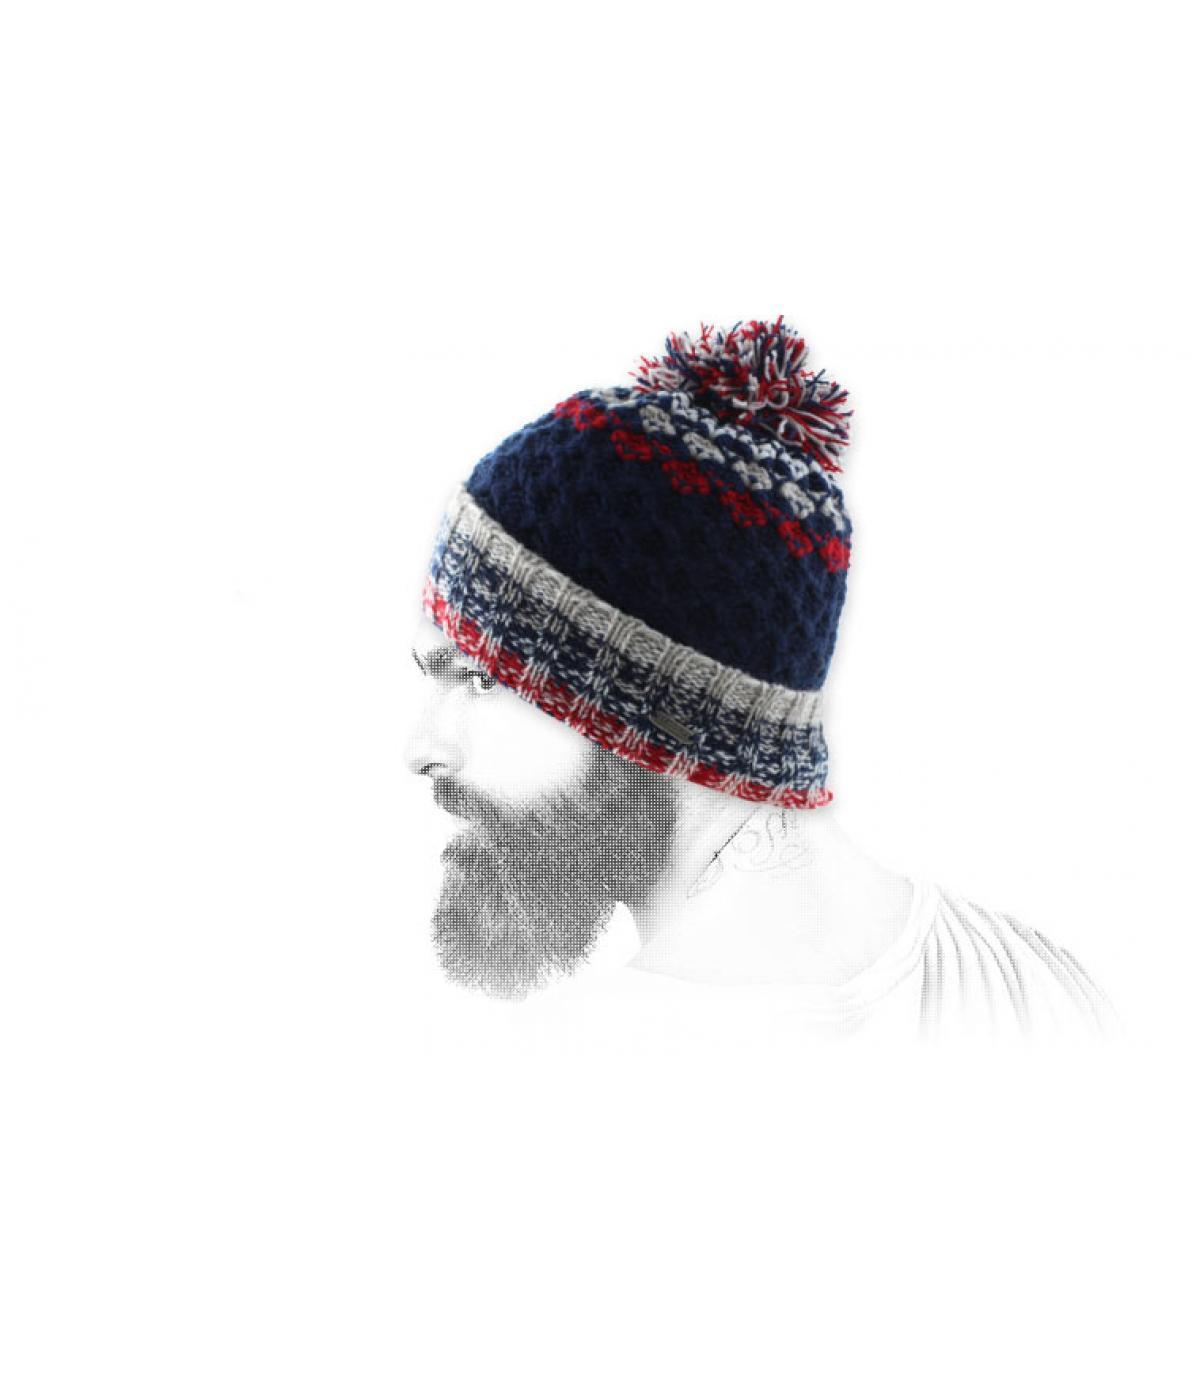 bonnet rétro pompon bleu rouge